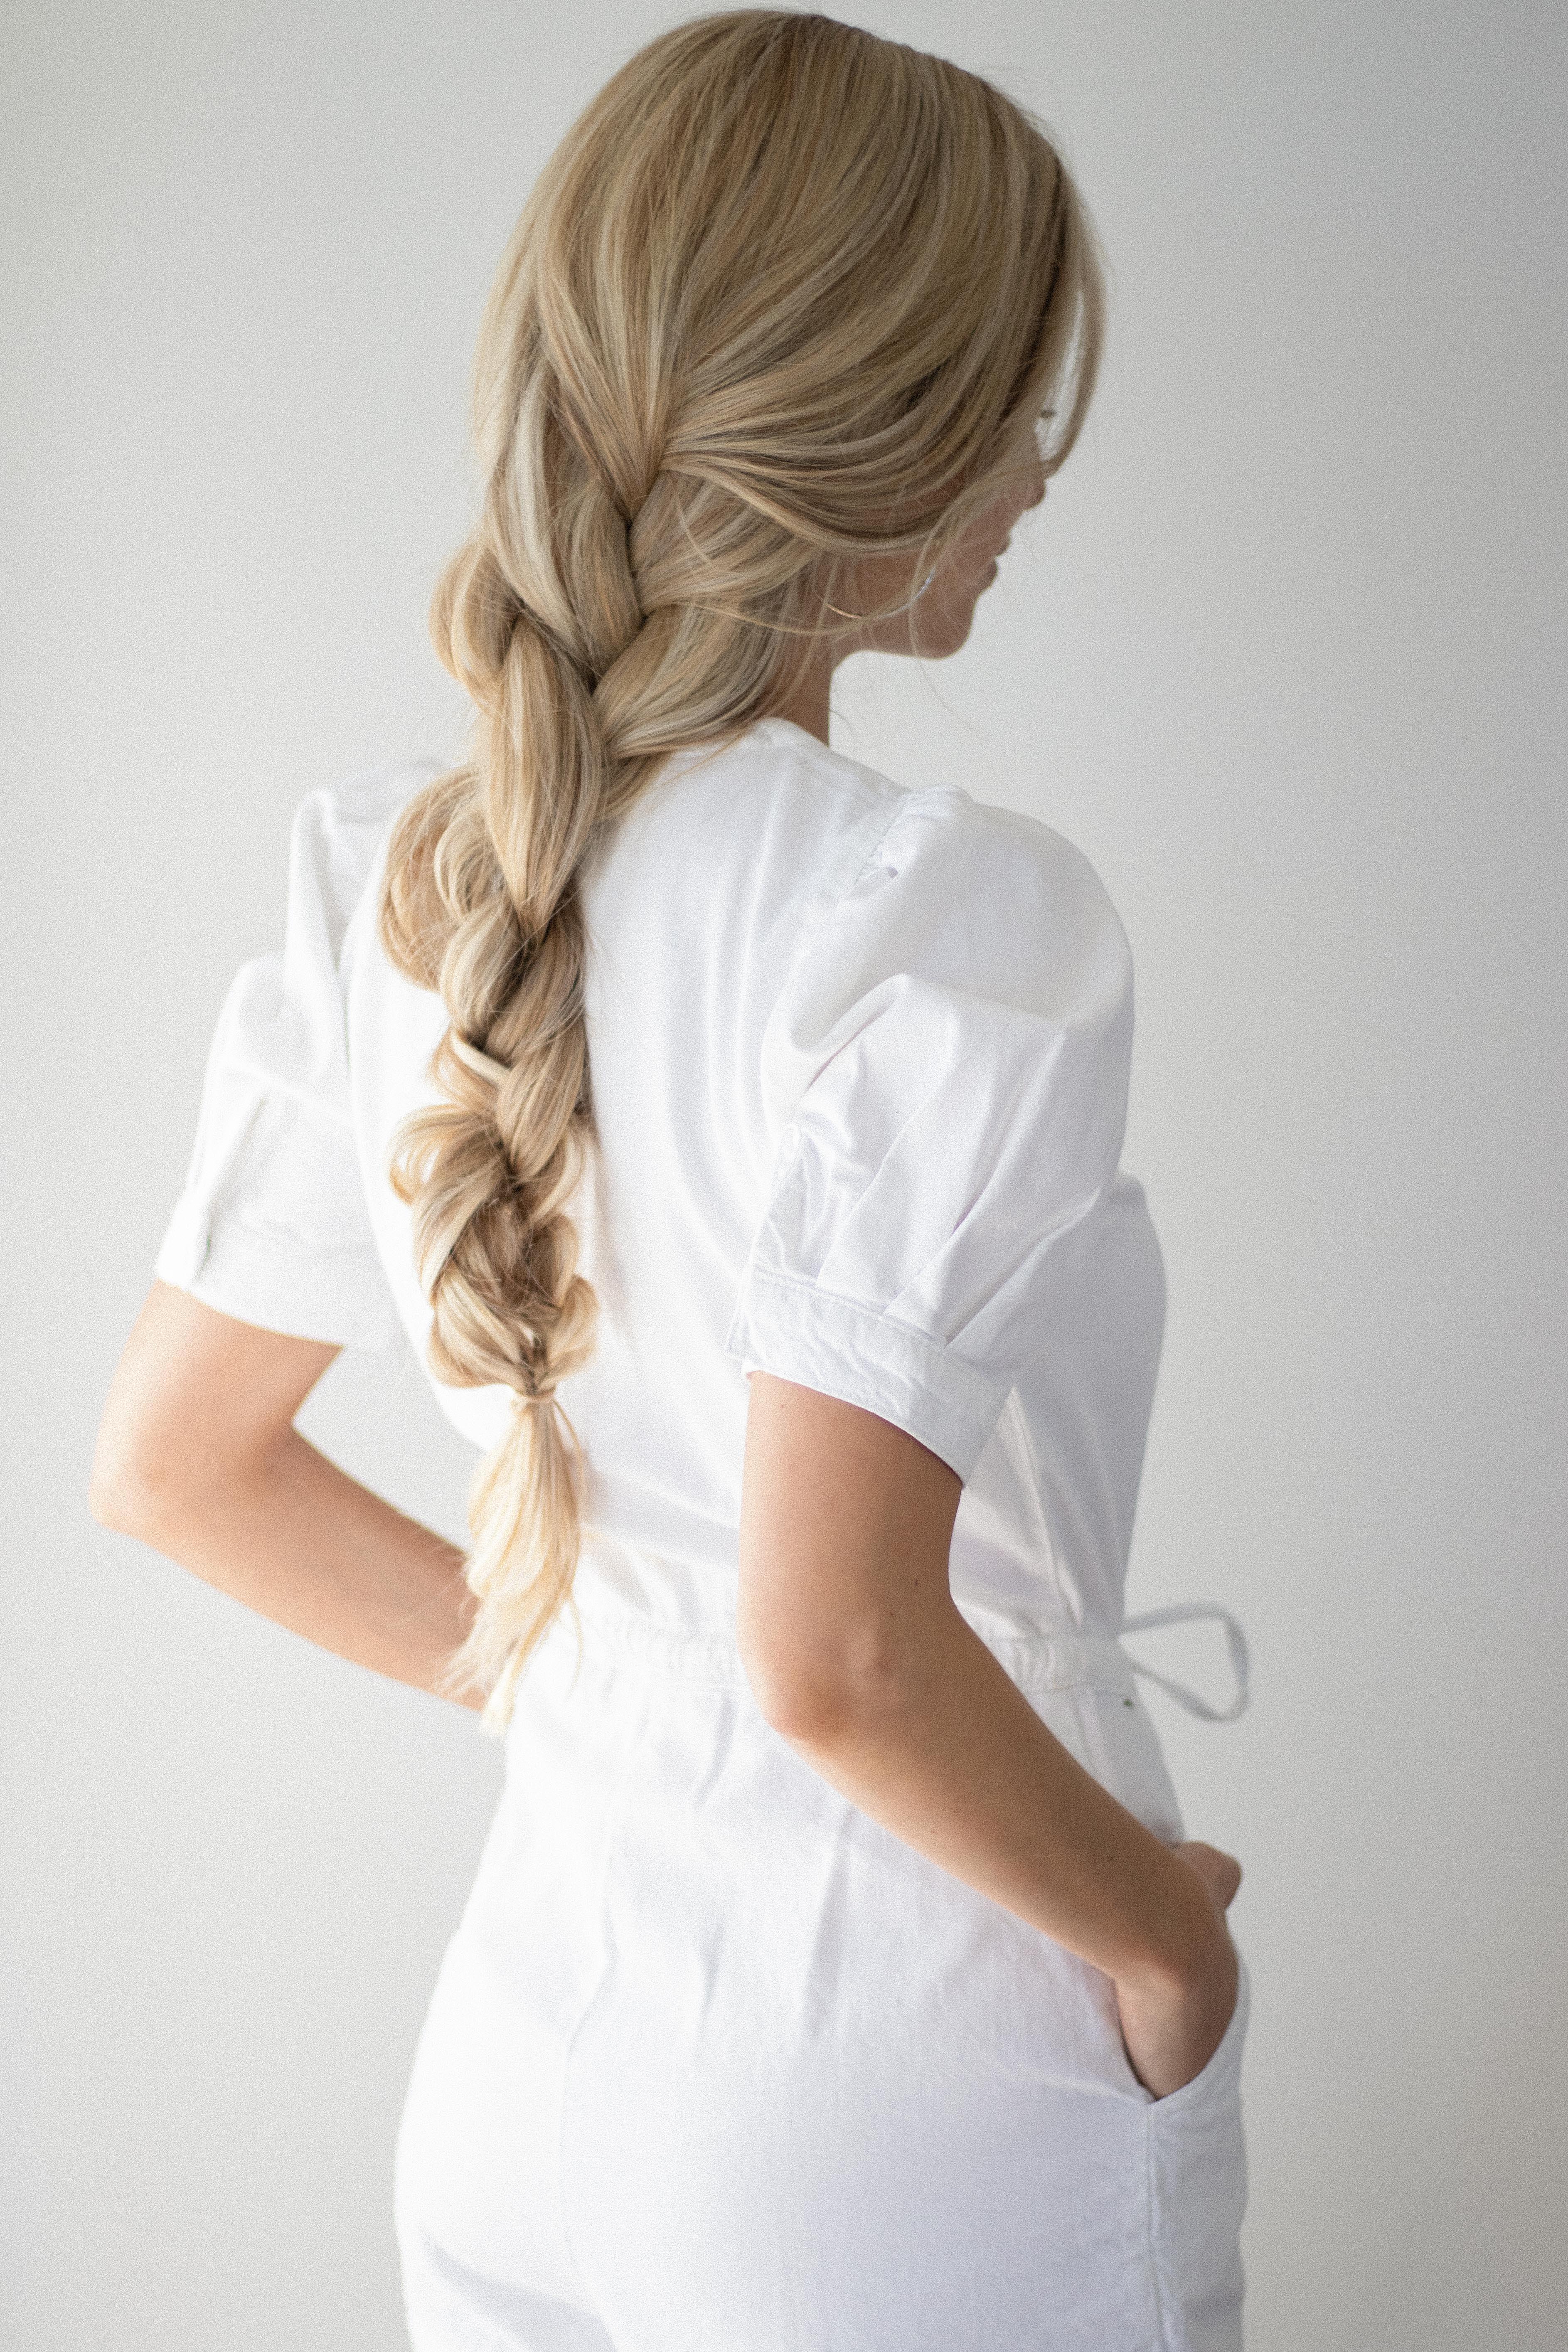 HOW TO BRAID PONYTAIL HAIR TUTORIAL | www.alexgaboury.com